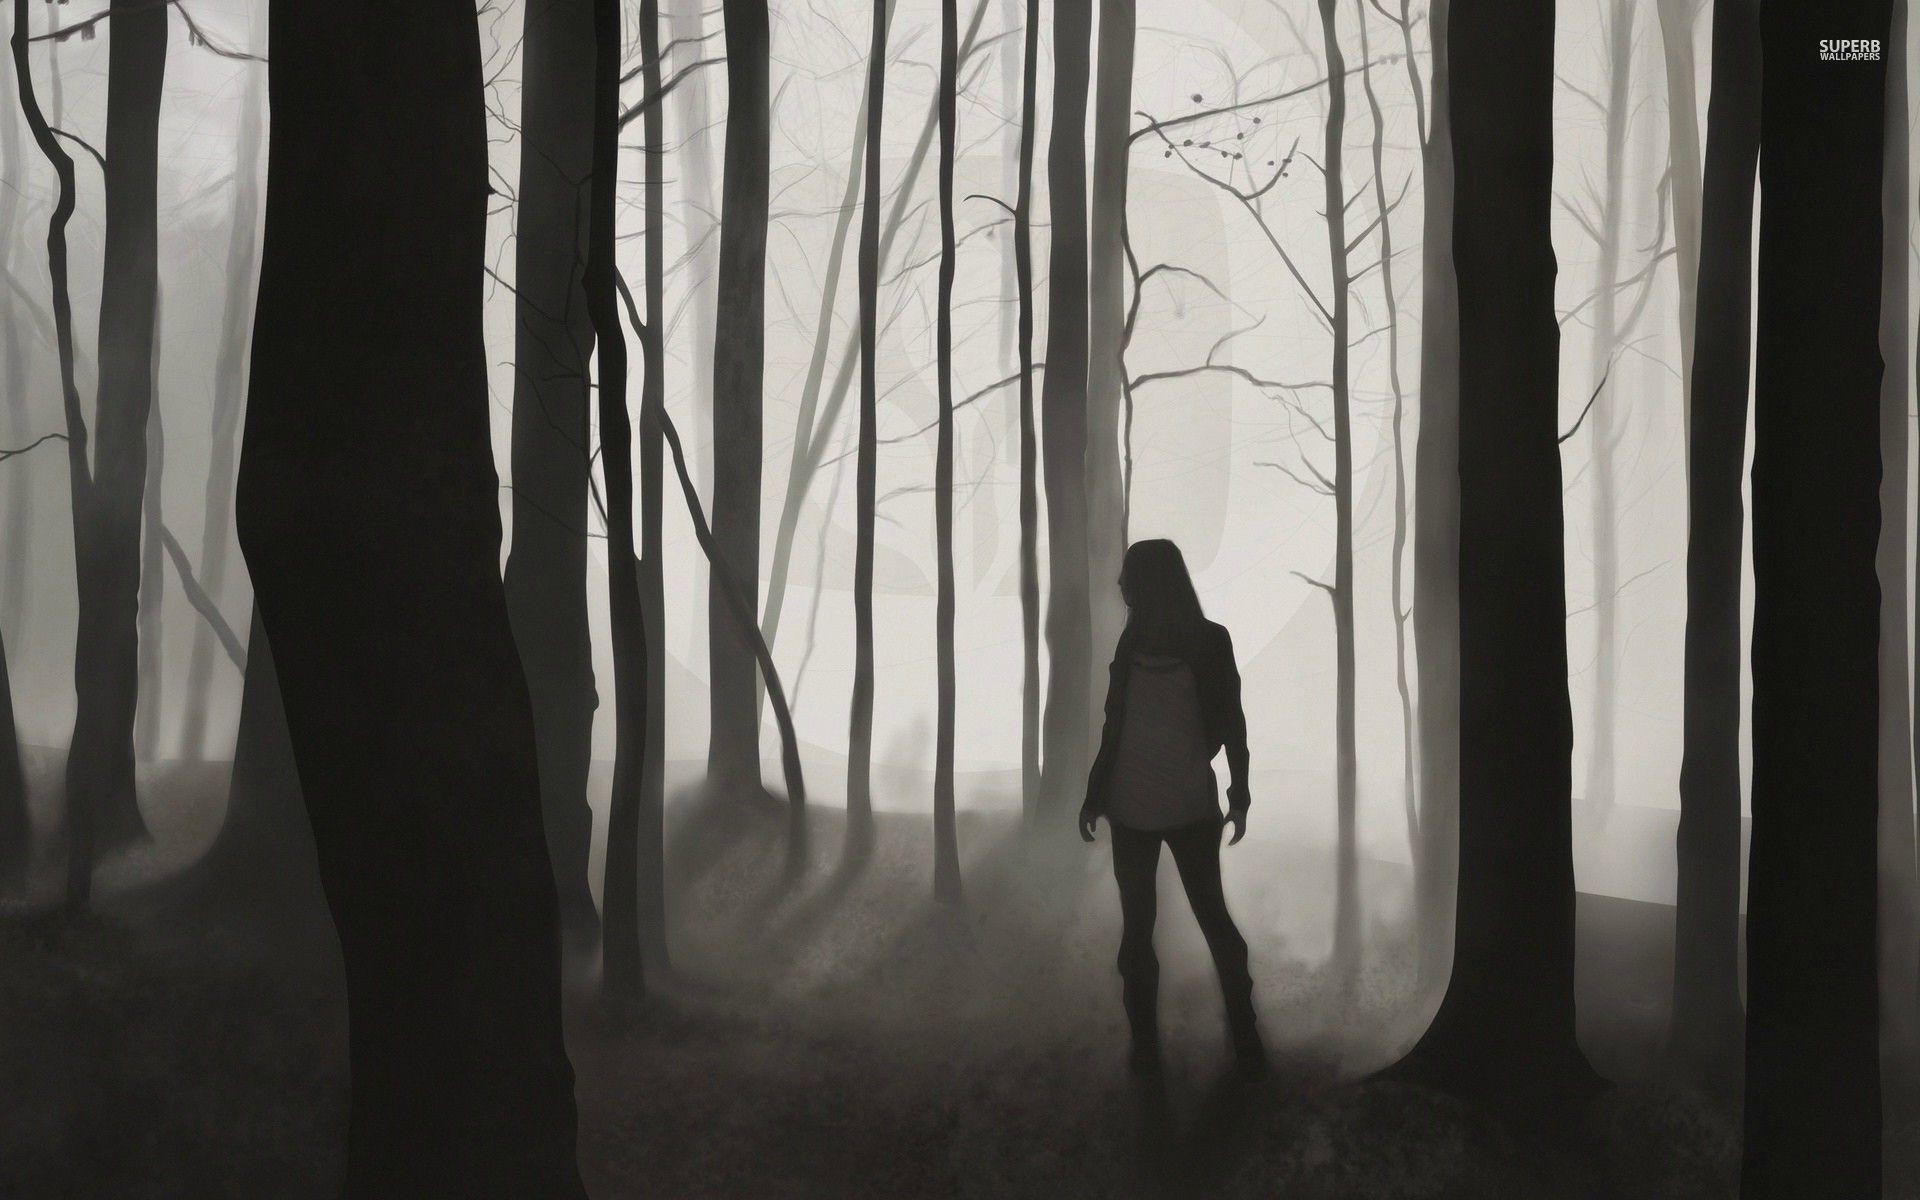 Lost Girl, Dark Forest